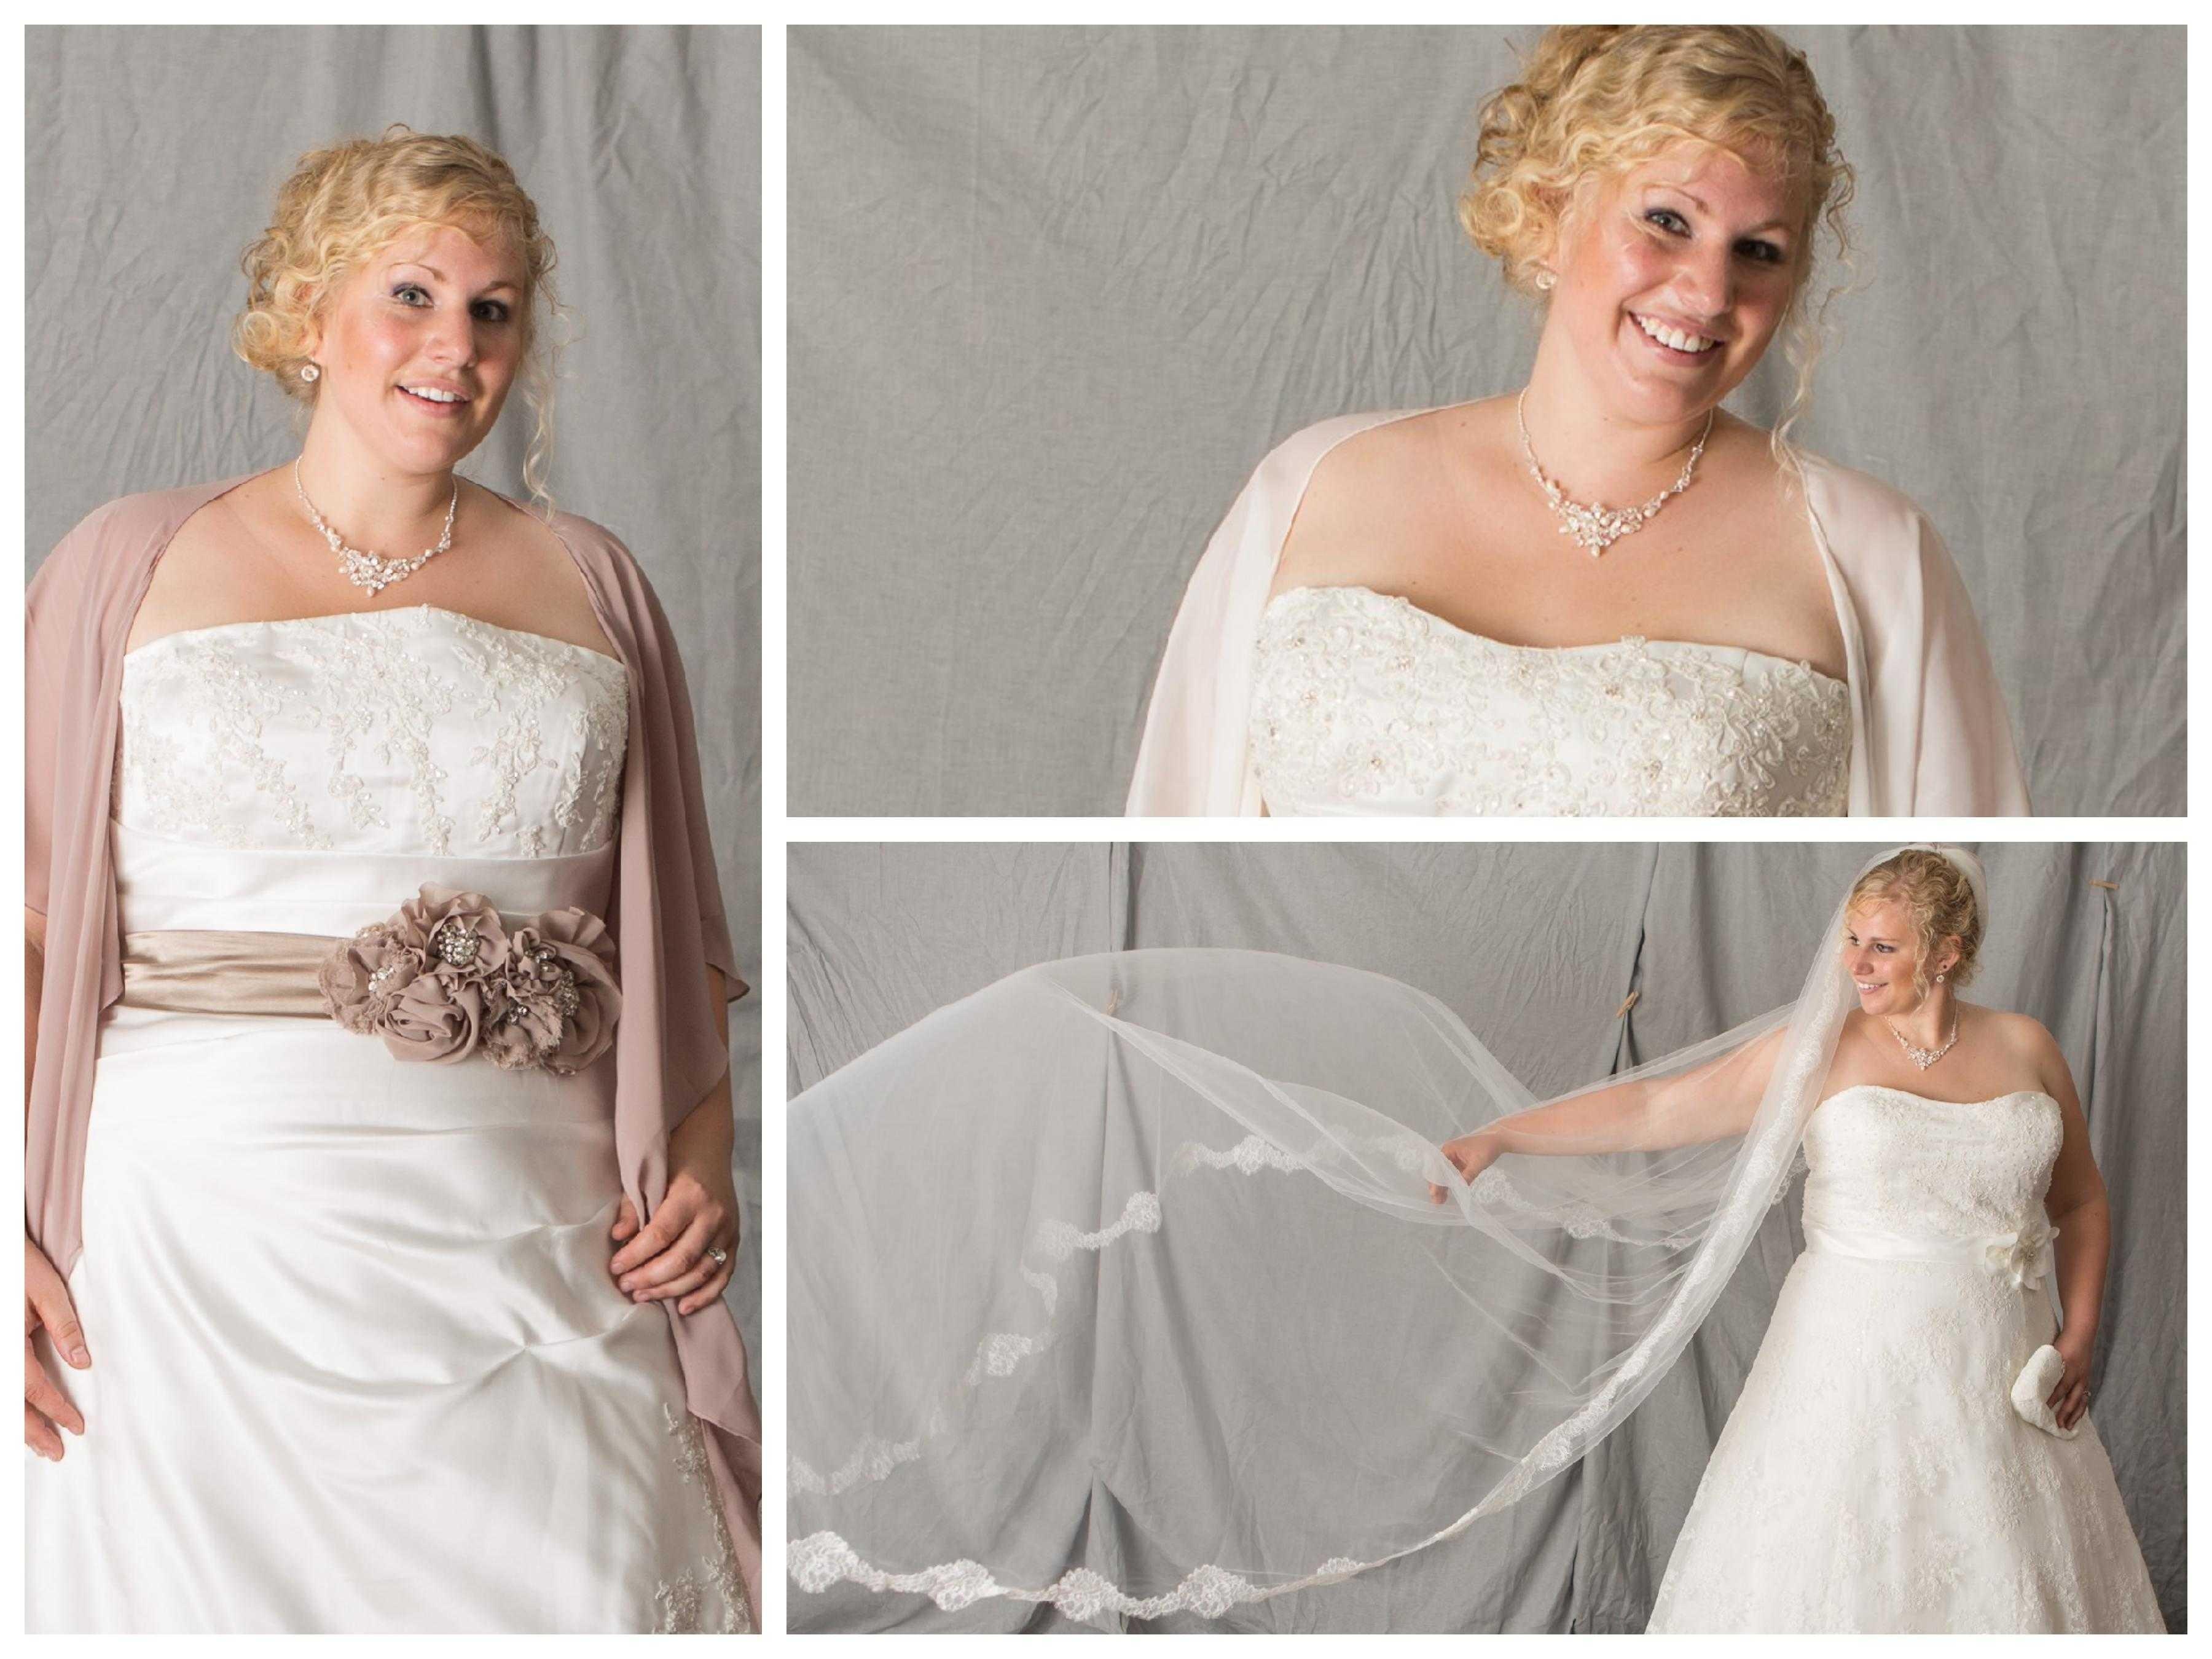 17 Erstaunlich Brautkleid Kaufen SpezialgebietDesigner Elegant Brautkleid Kaufen Vertrieb